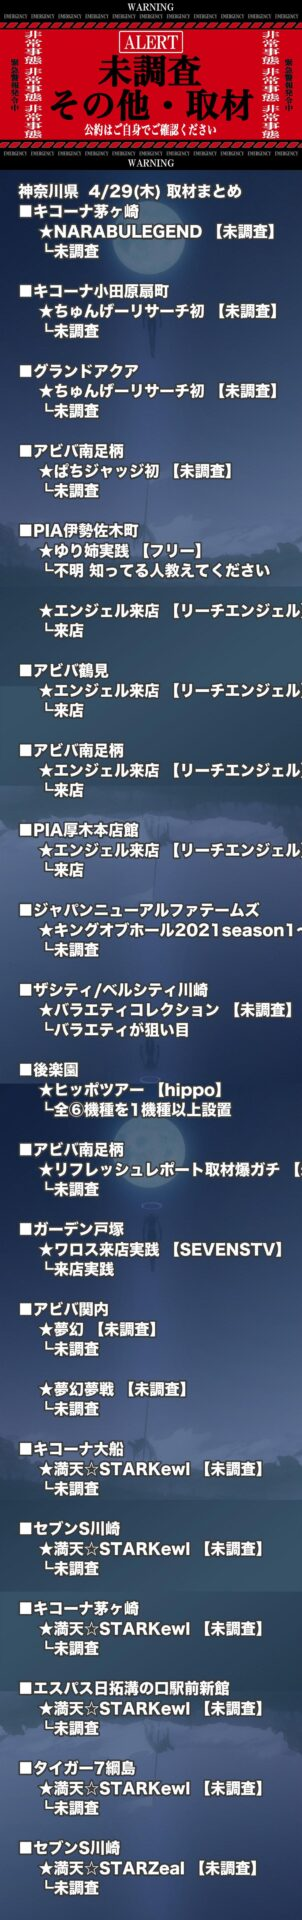 神奈川県_2021-04-29_未調査_パチンコ・パチスロ